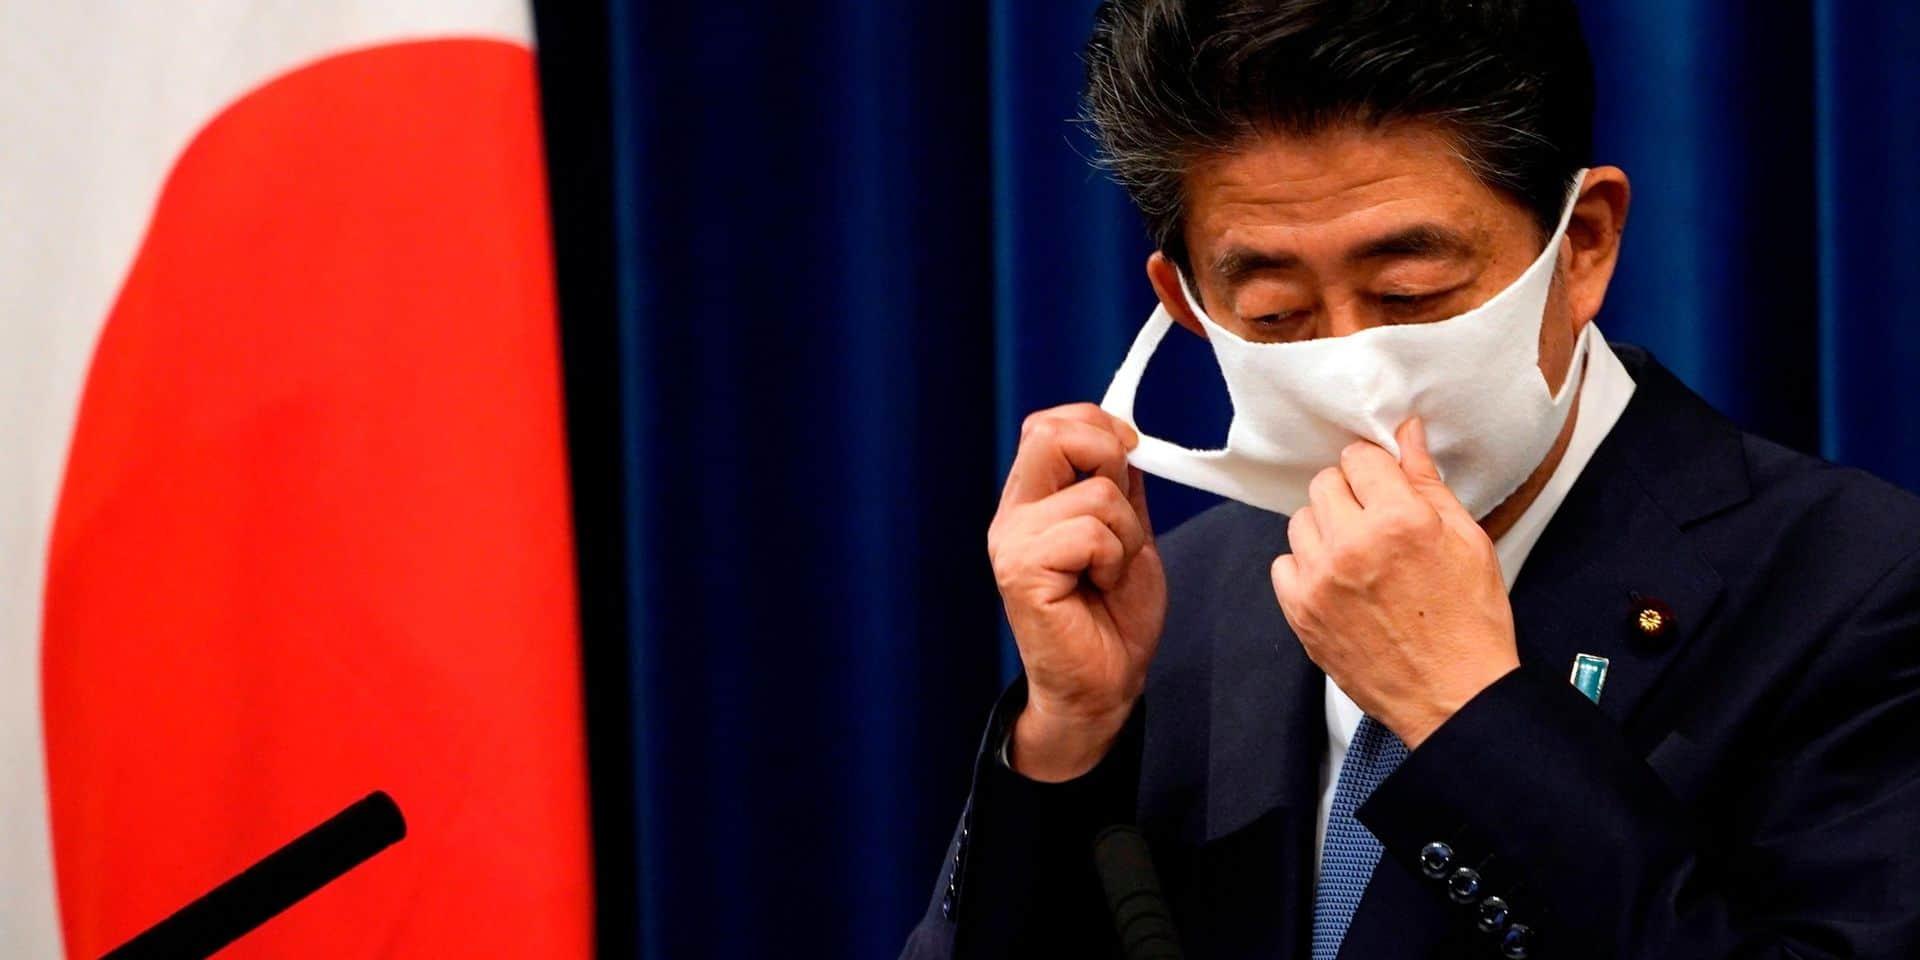 Un spécialiste des bourdes, un fidèle conseiller, un expert militaire : qui va remplacer Shinzo Abe au Japon?